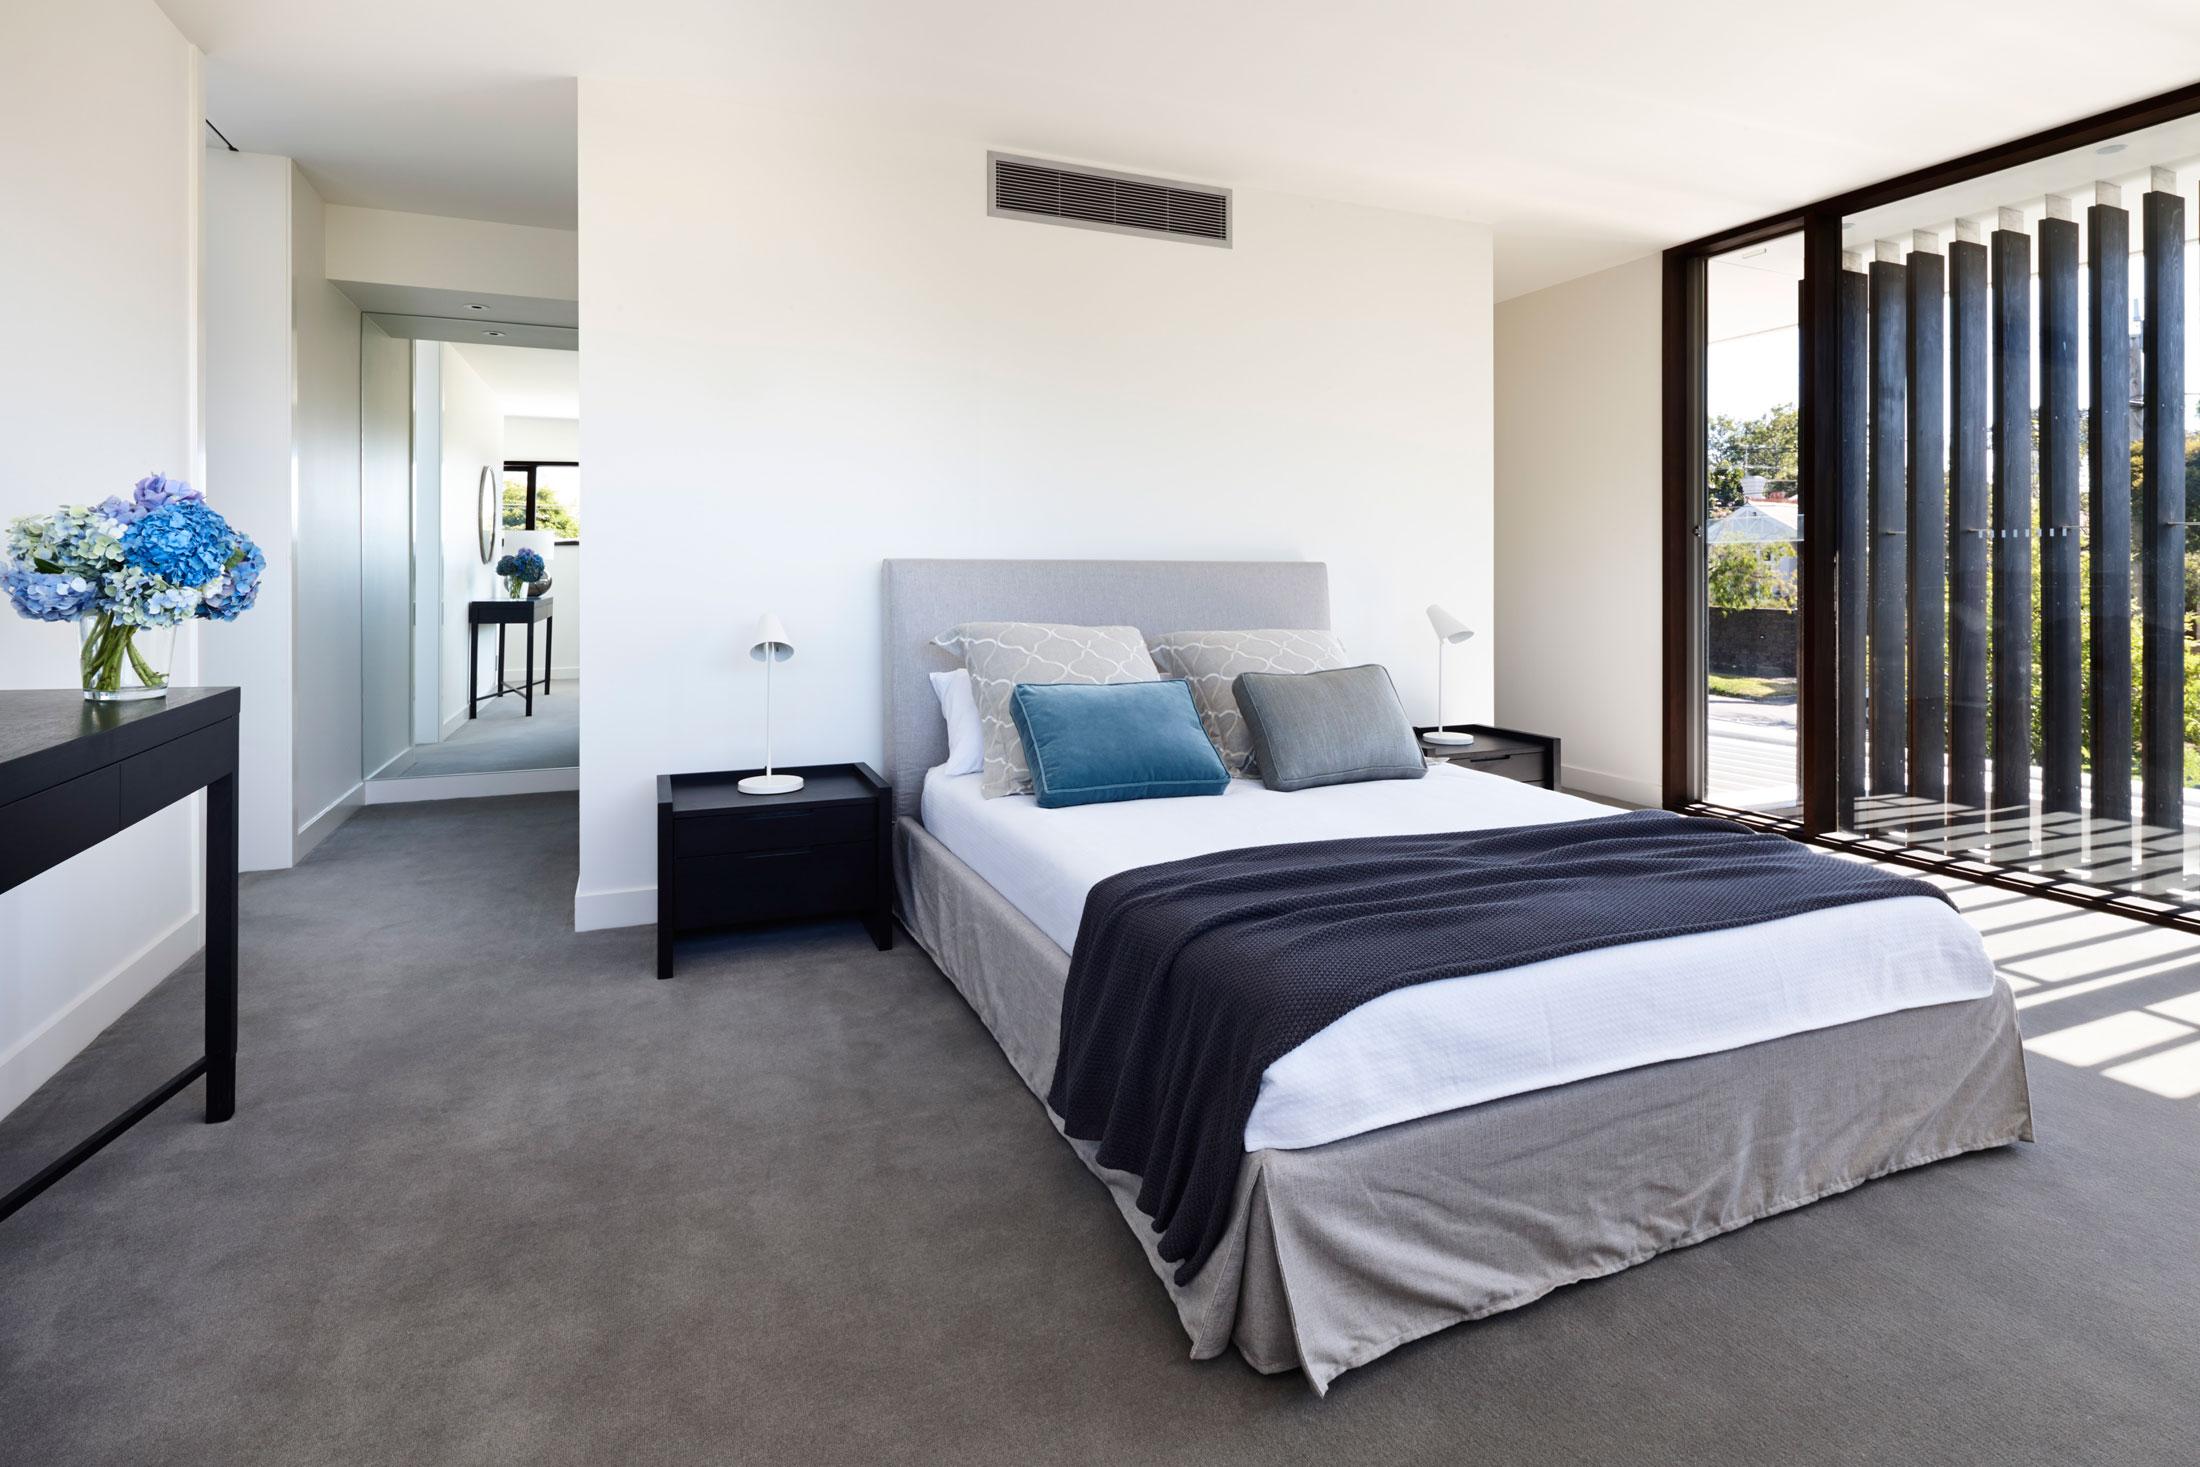 Красивые шторы в дизайне интерьера помещения